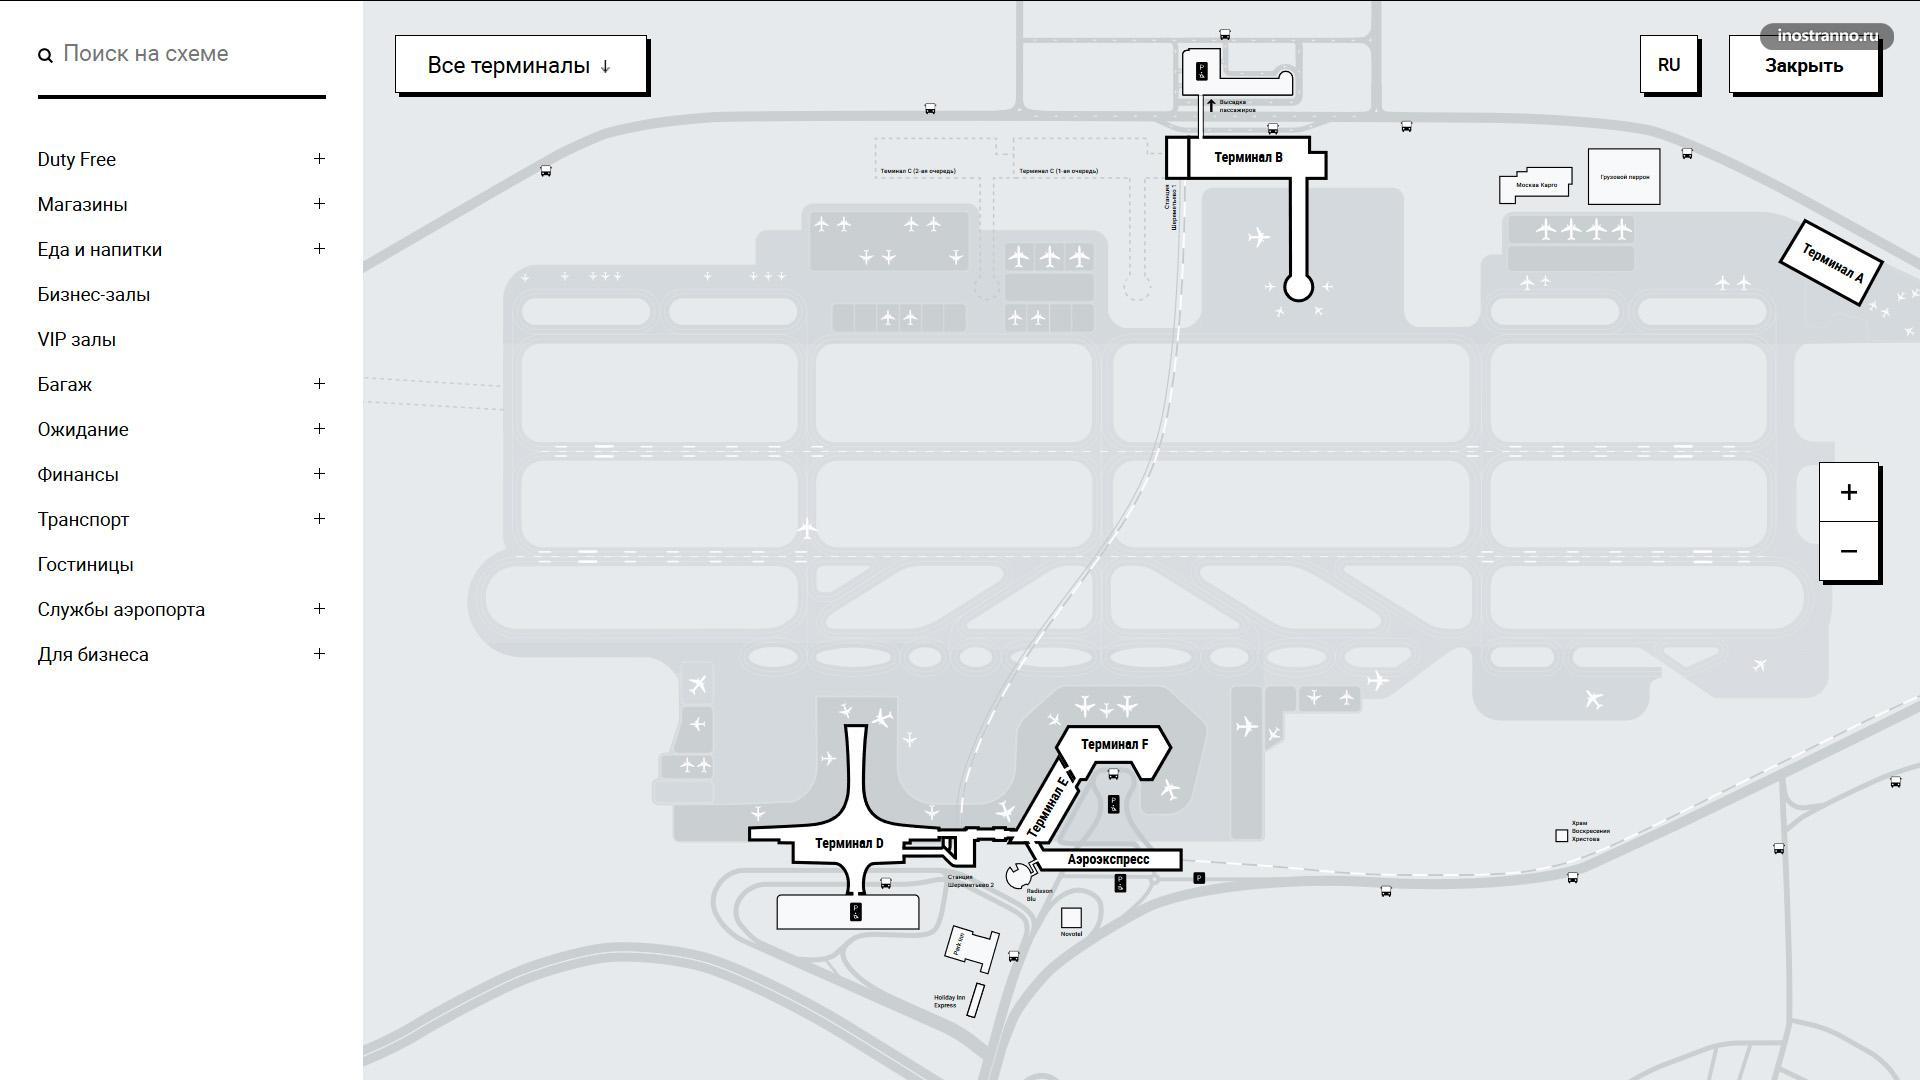 Аэропорт Шереметьево расположение терминалов